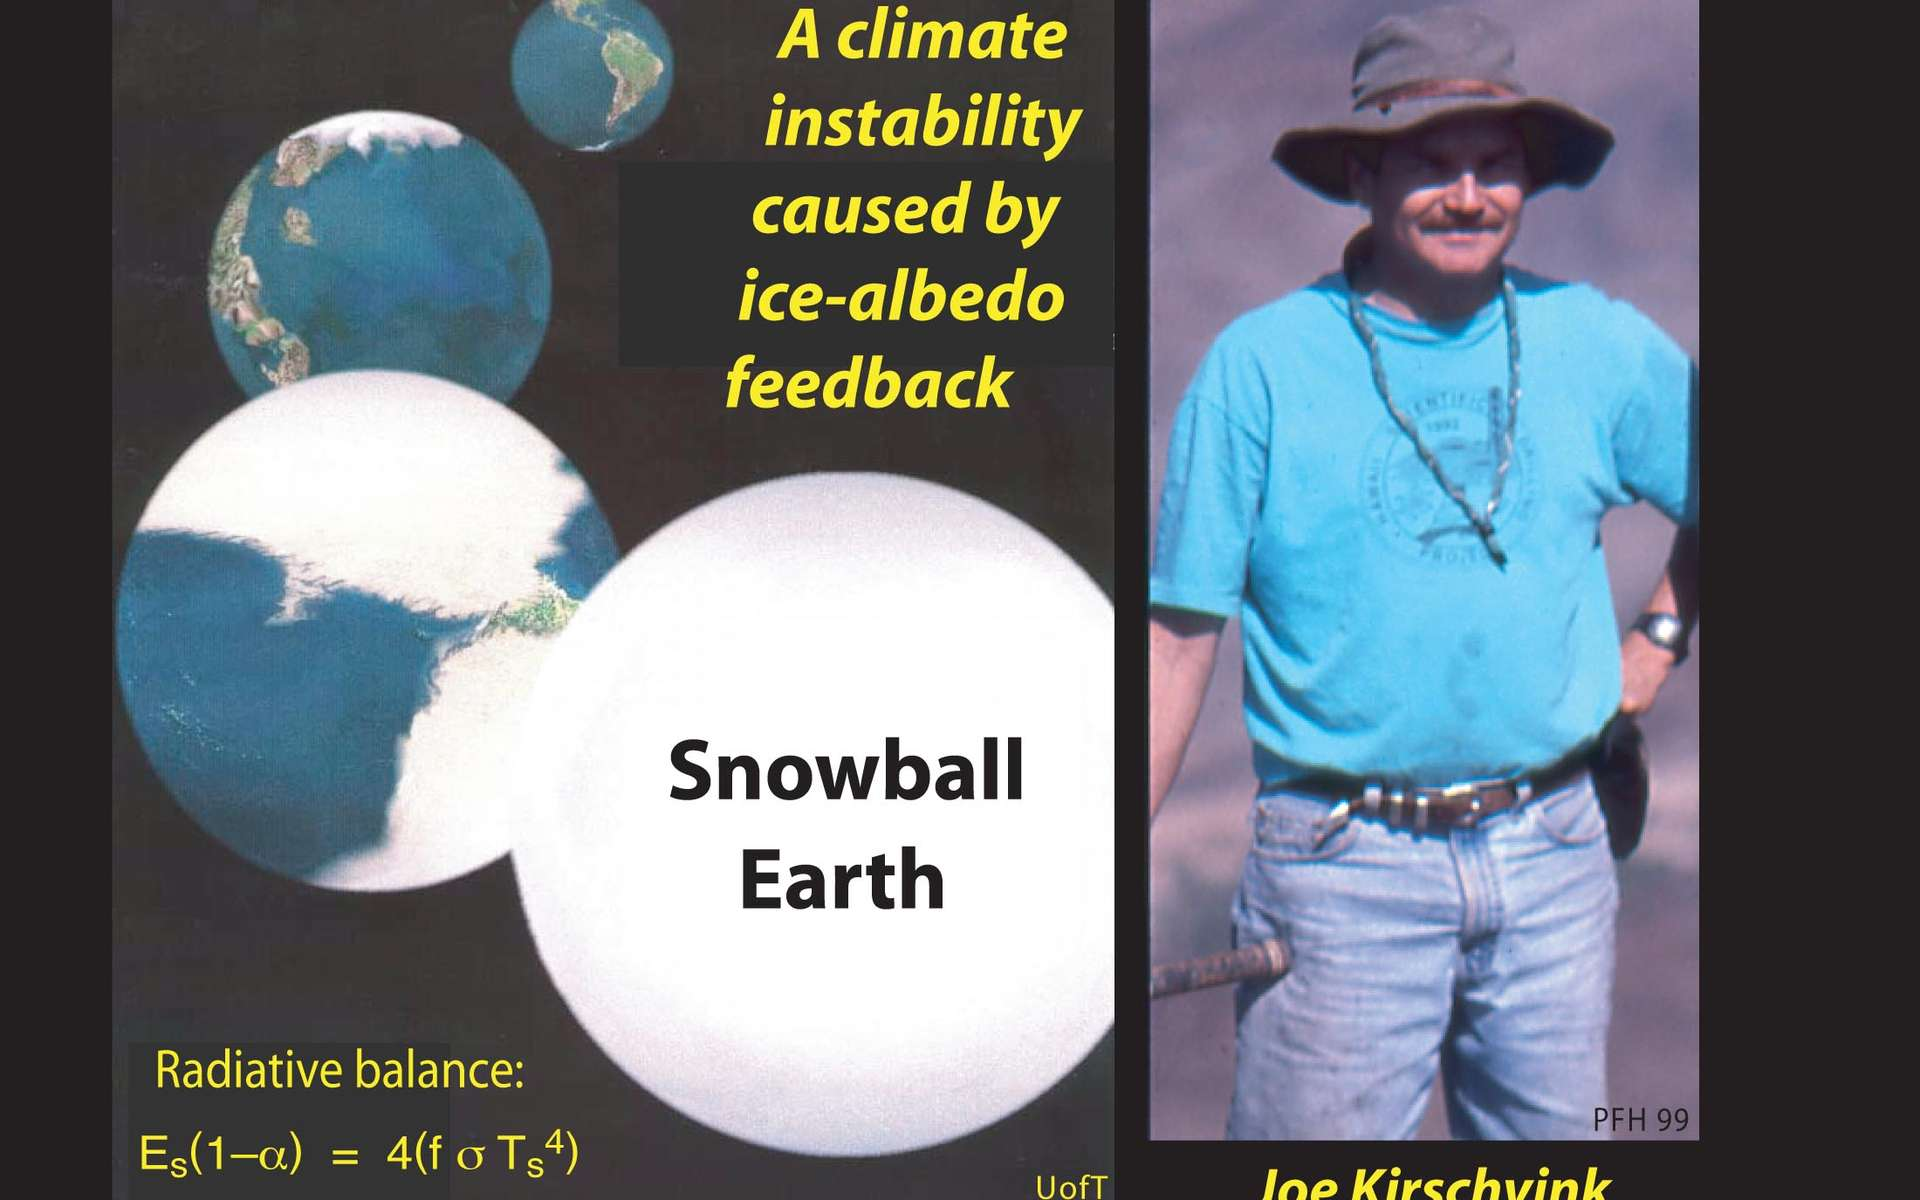 L'évolution possible de la Terre vers une glaciation totale selon la théorie de Joe Kirschvink (à droite). Crédit : www.snowballearth.org